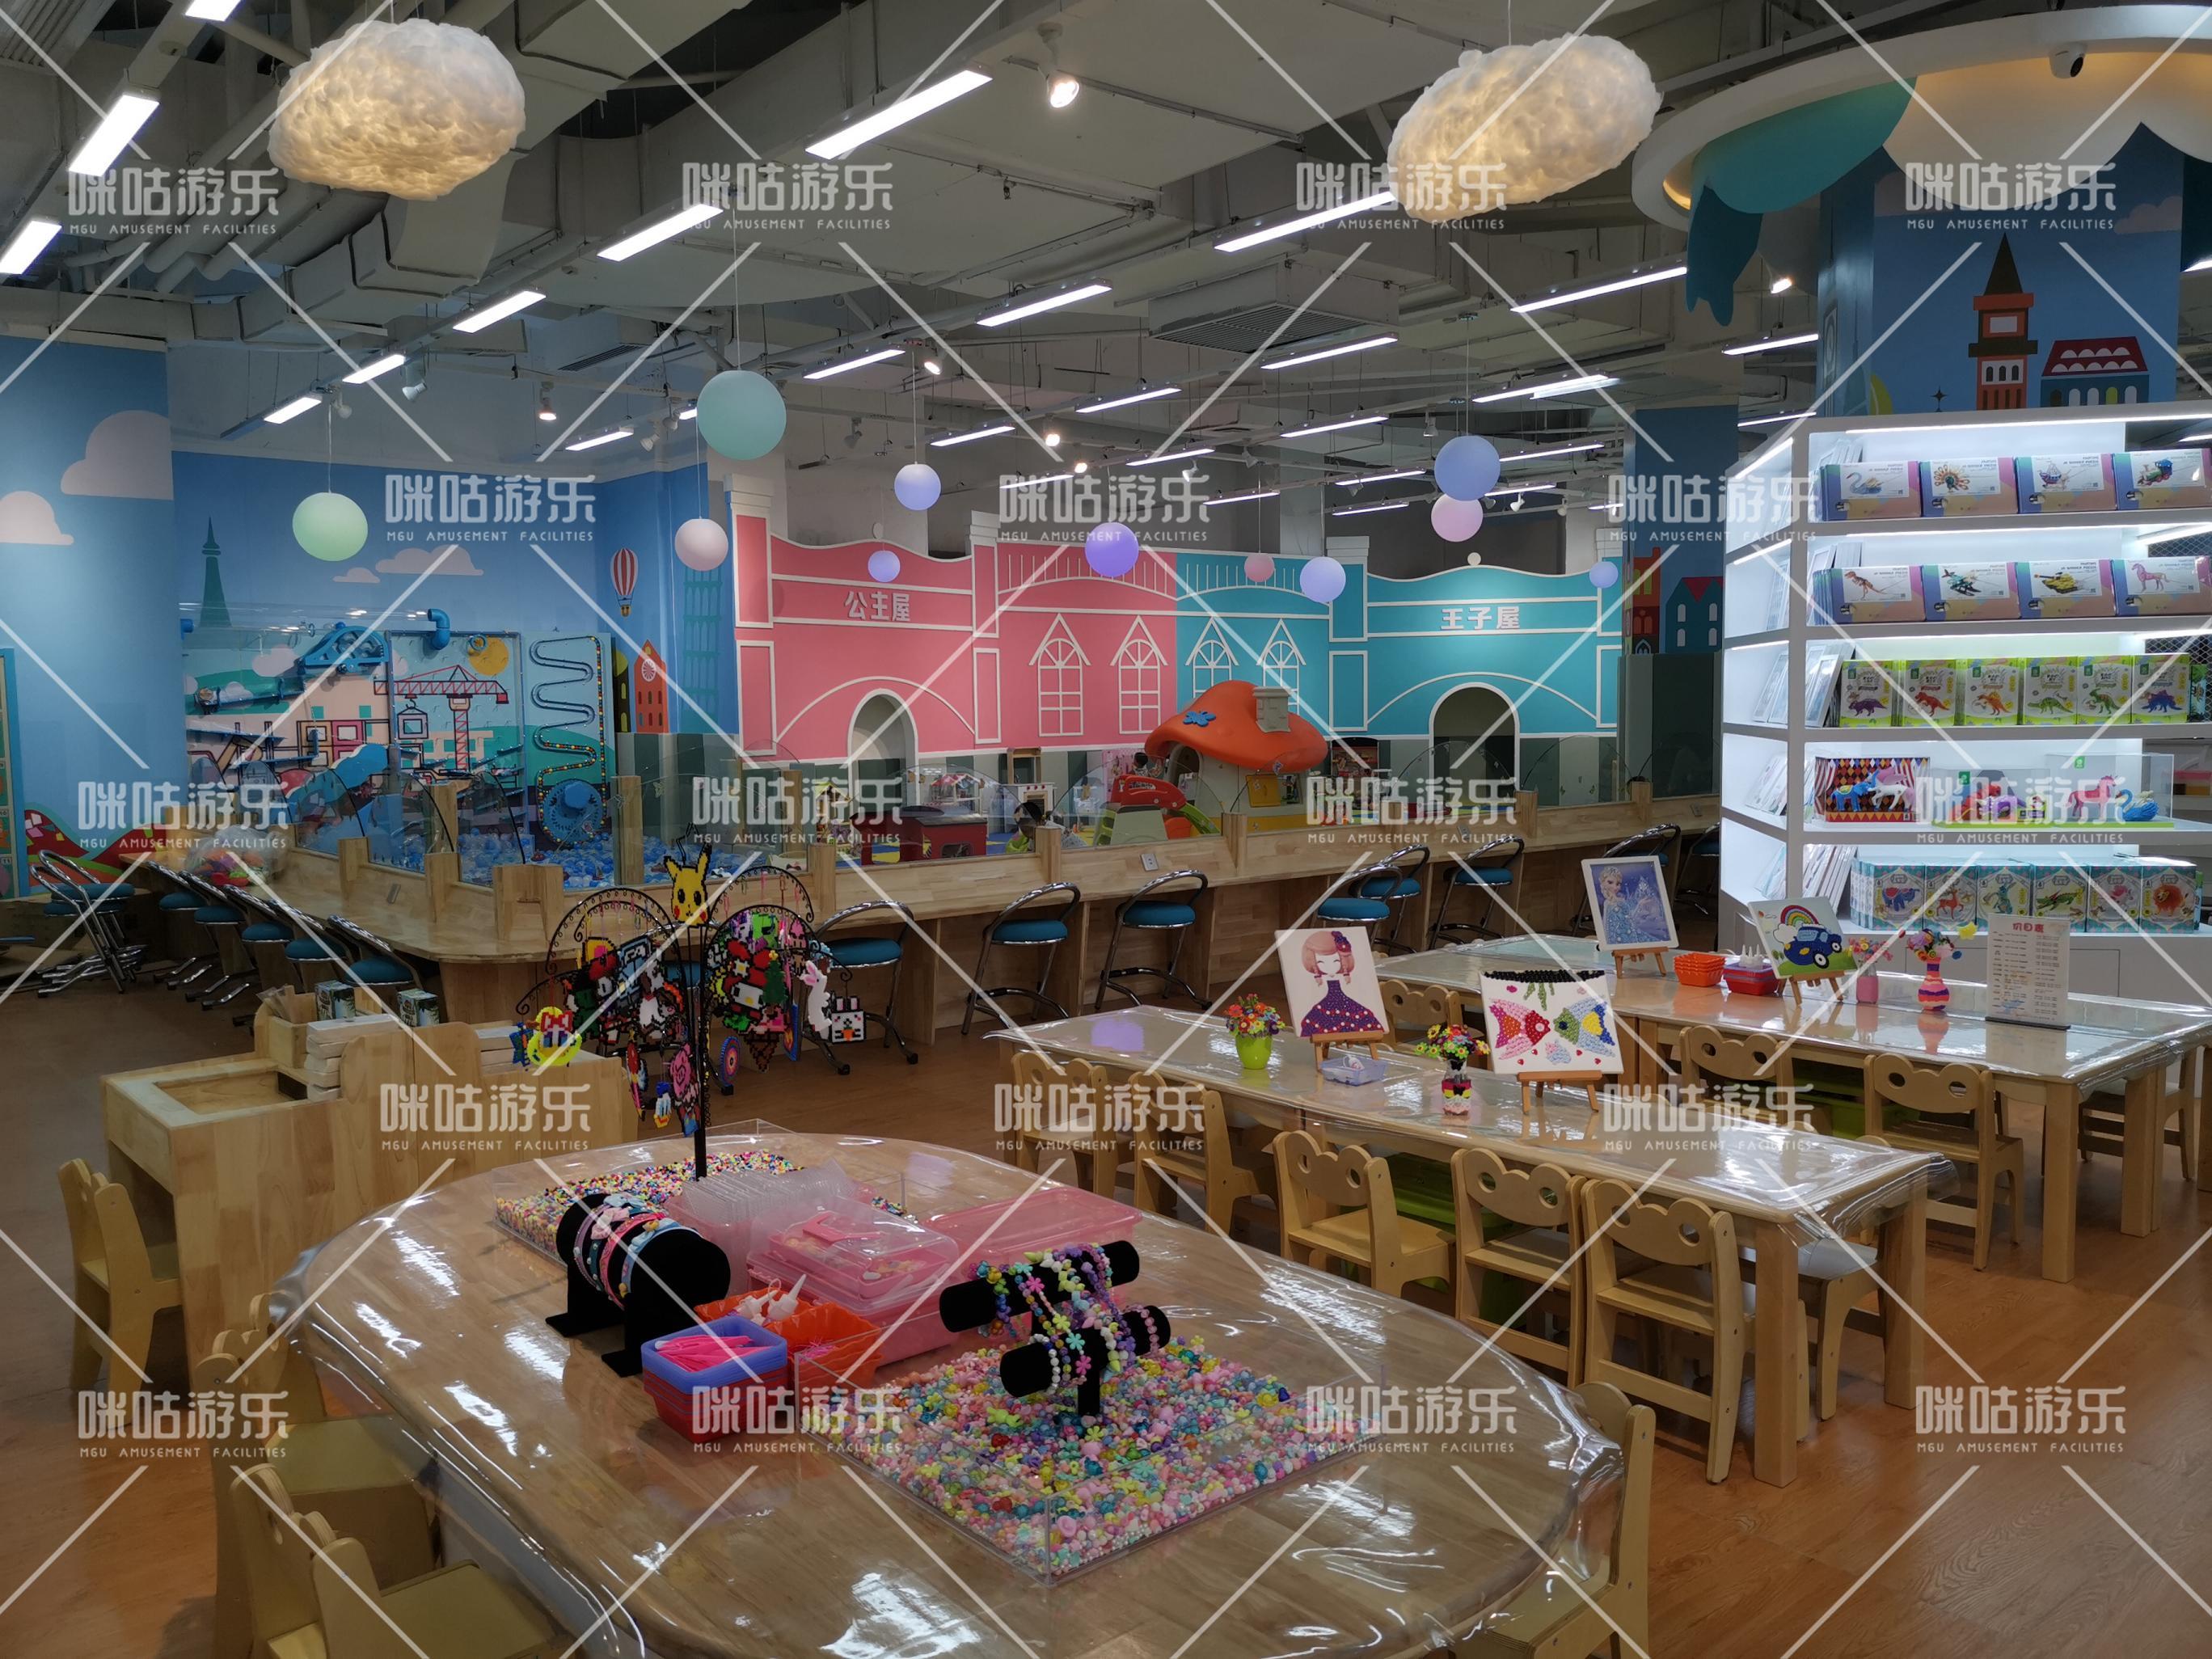 微信图片_20200429160031 - 副本 - 副本.jpg 甘肃儿童乐园设备厂家直销 加盟资讯 游乐设备第1张